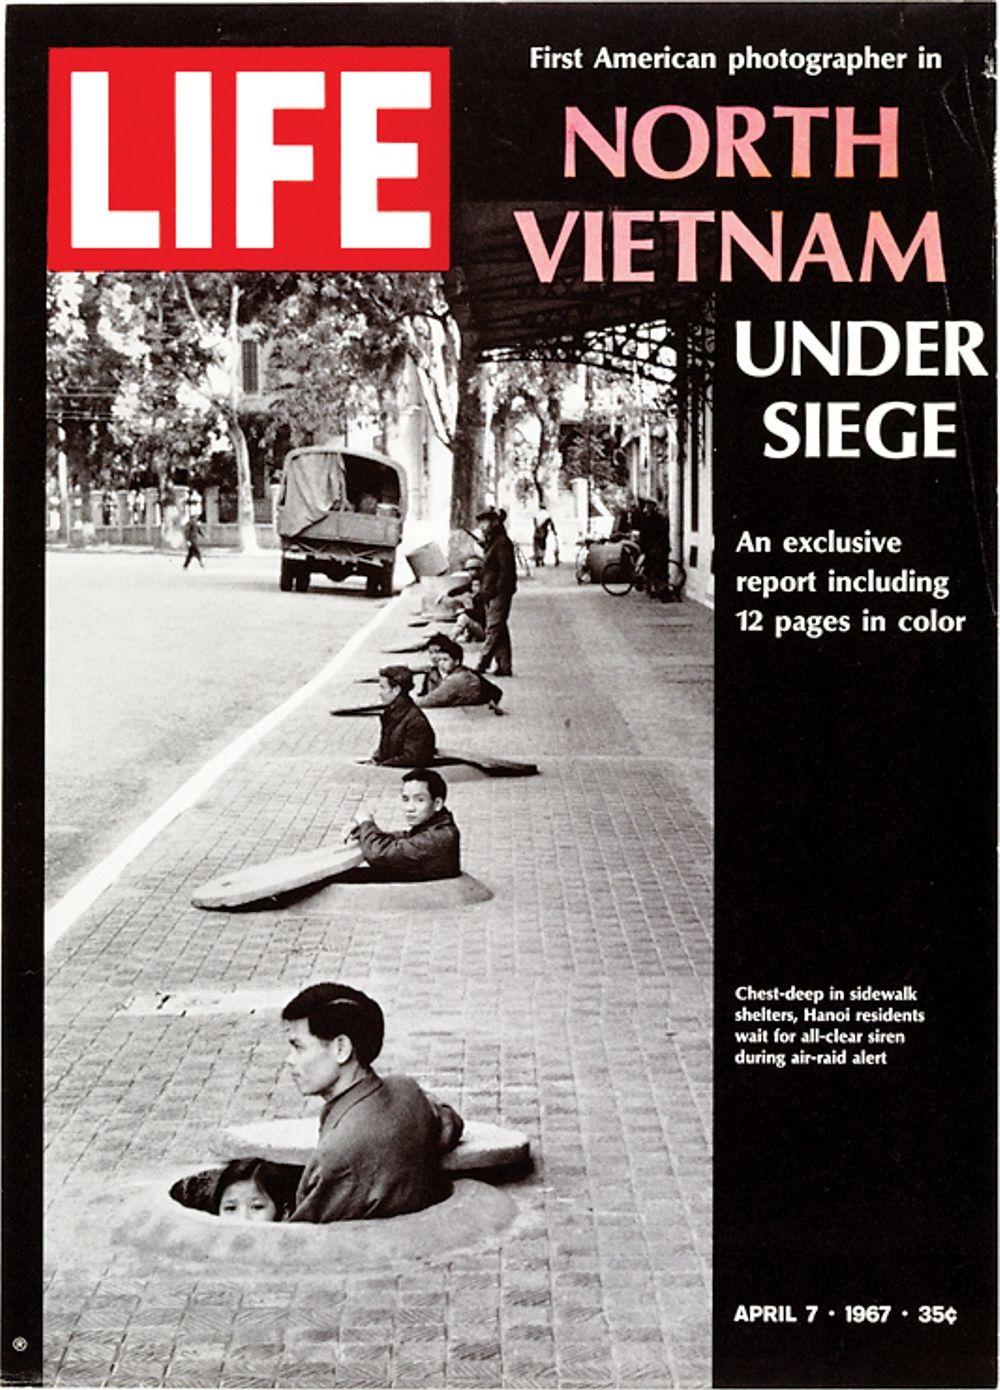 Perodismo: Vida y Muerte en Vietnam | Revista life, Portadas, Portadas de  revistas